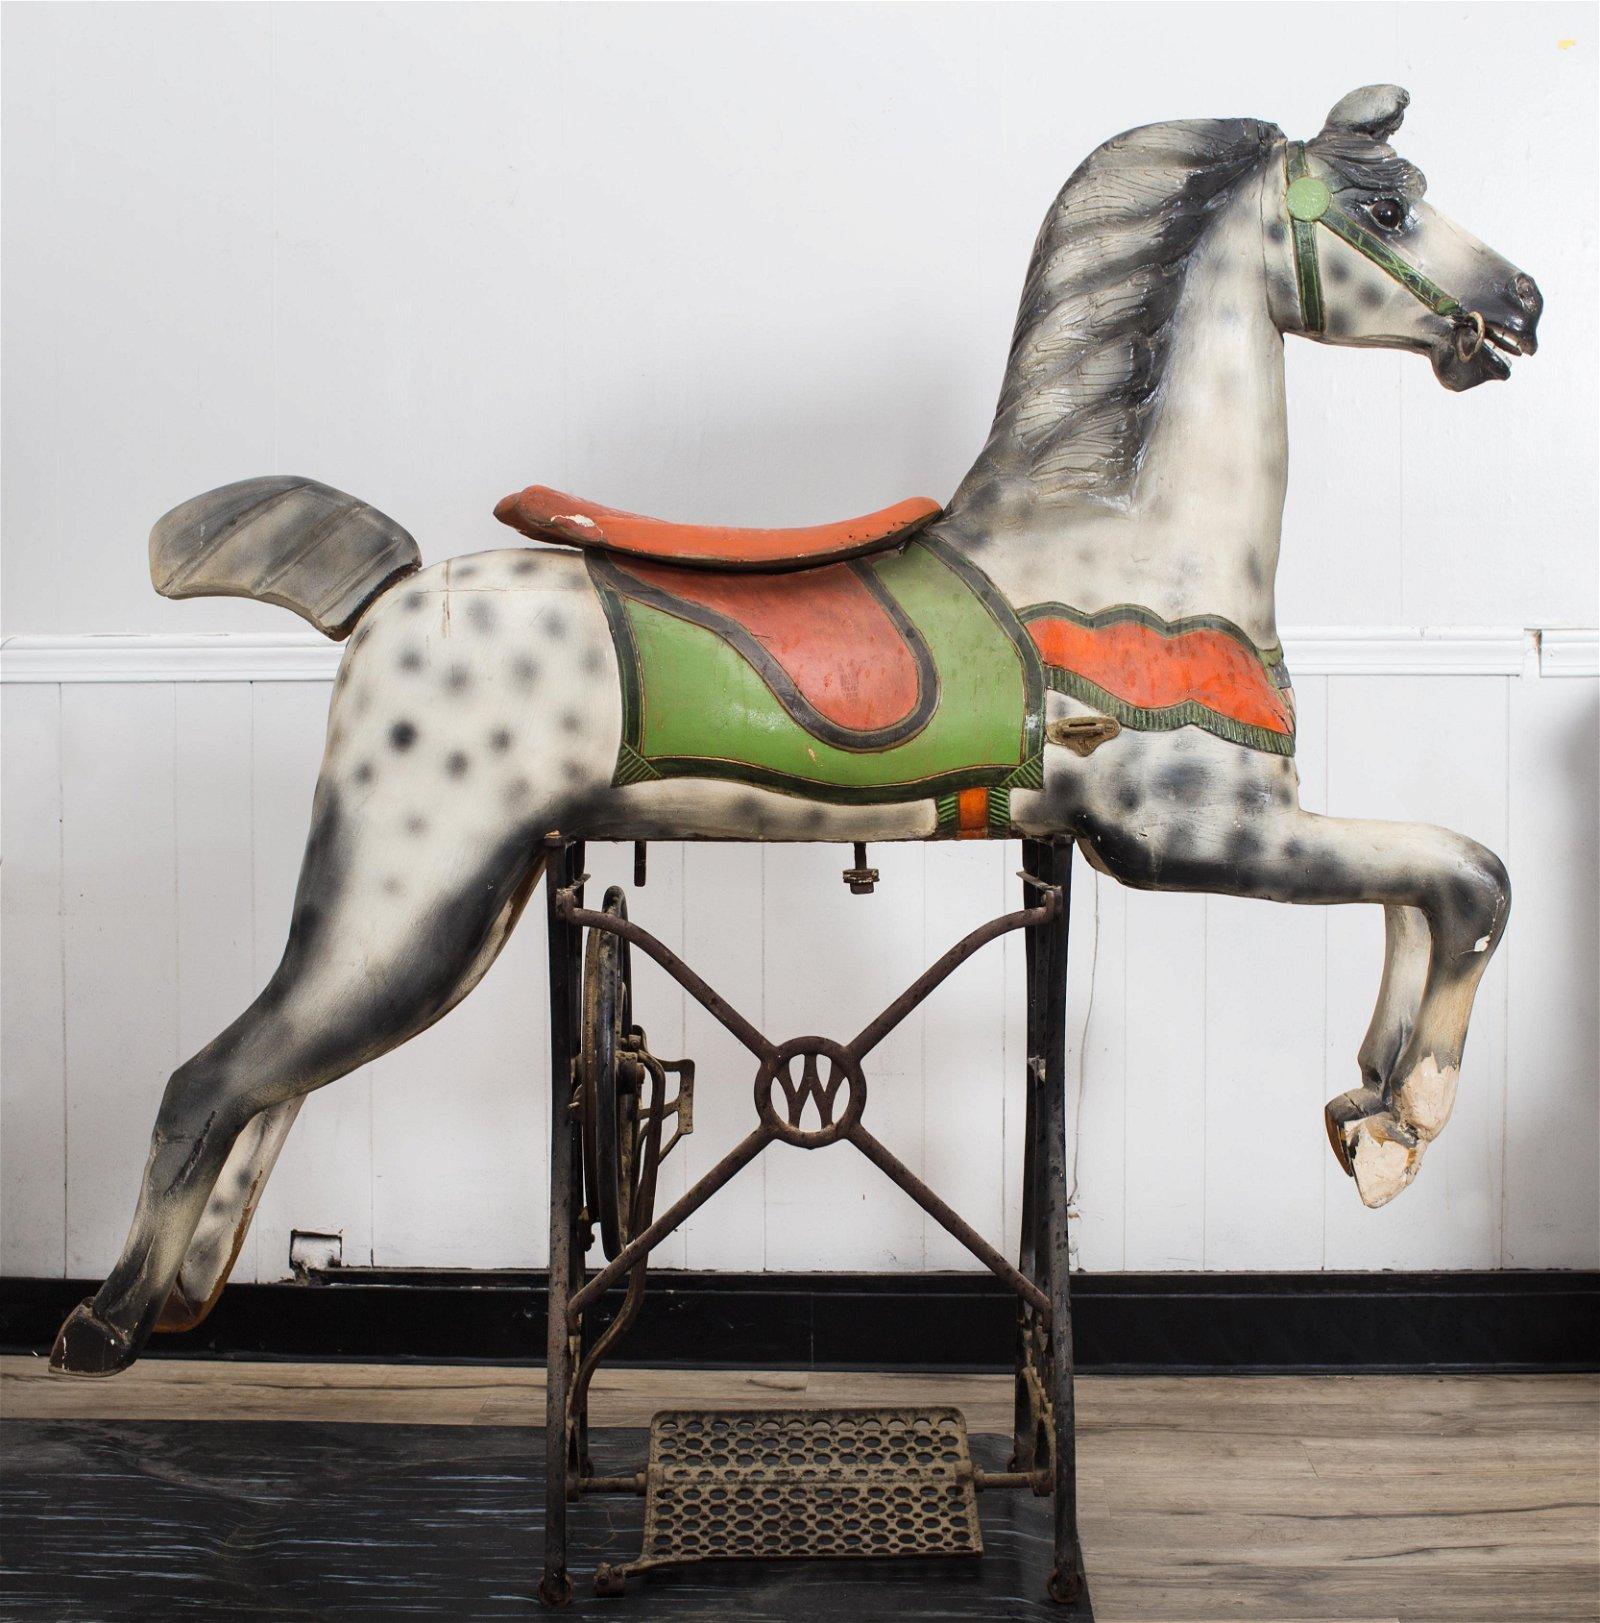 A. HERSCHEL JUMPER CAROUSEL HORSE